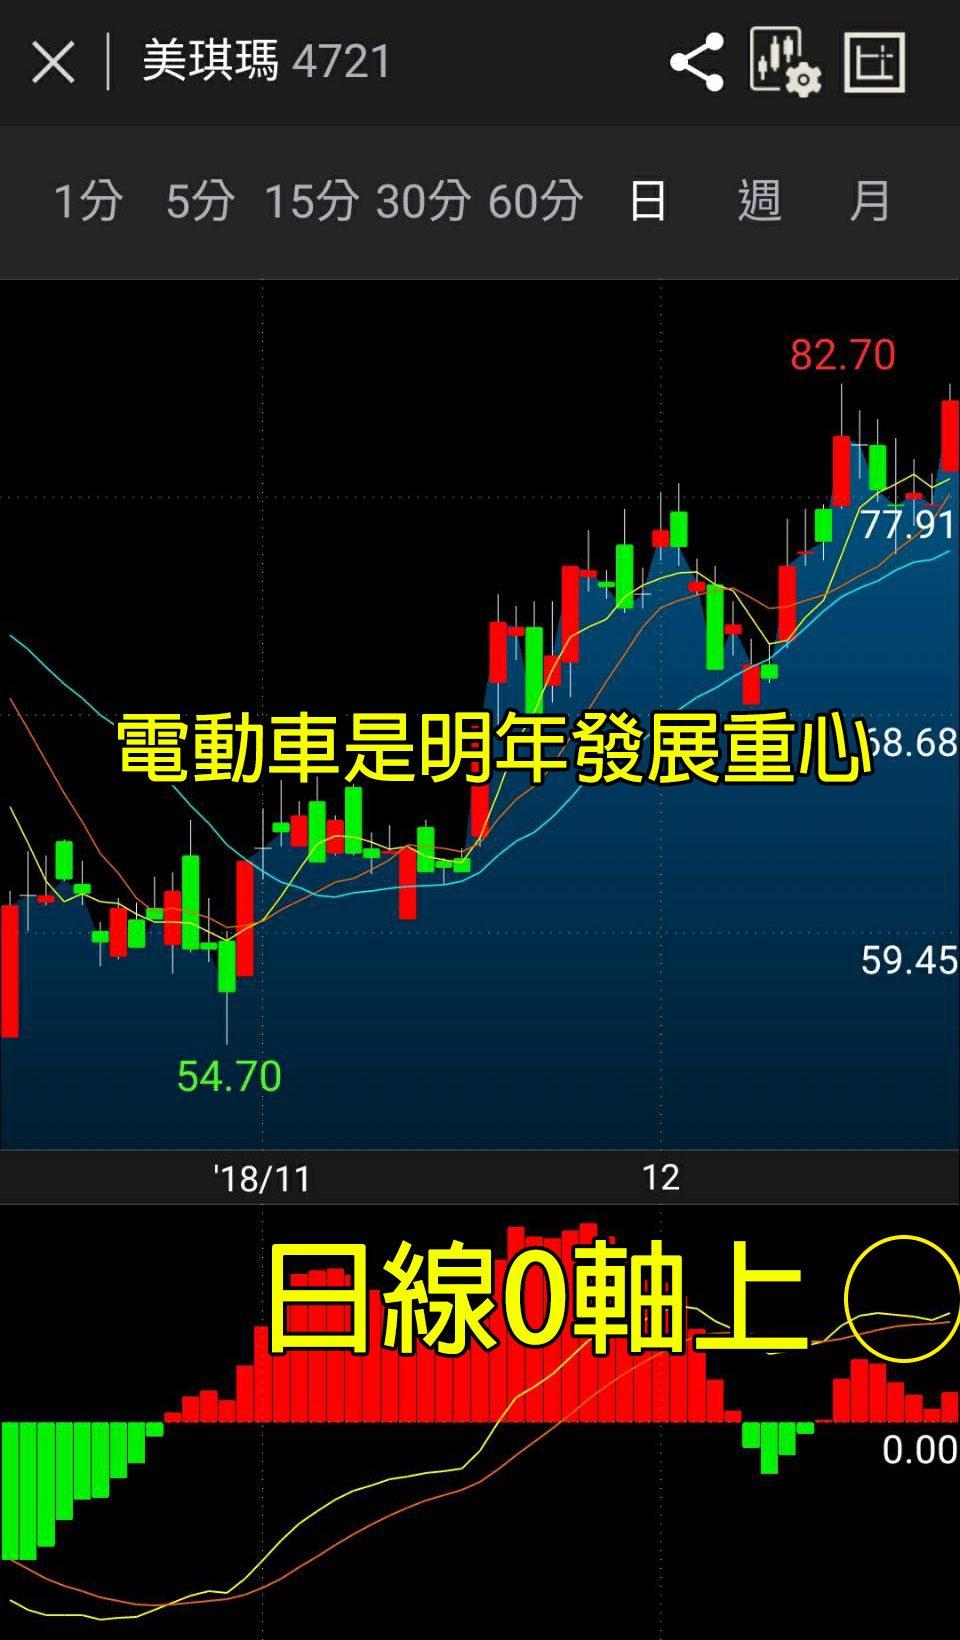 股市德哥 盤中神秘大戶講股 2018/12/24 – 寶得富網